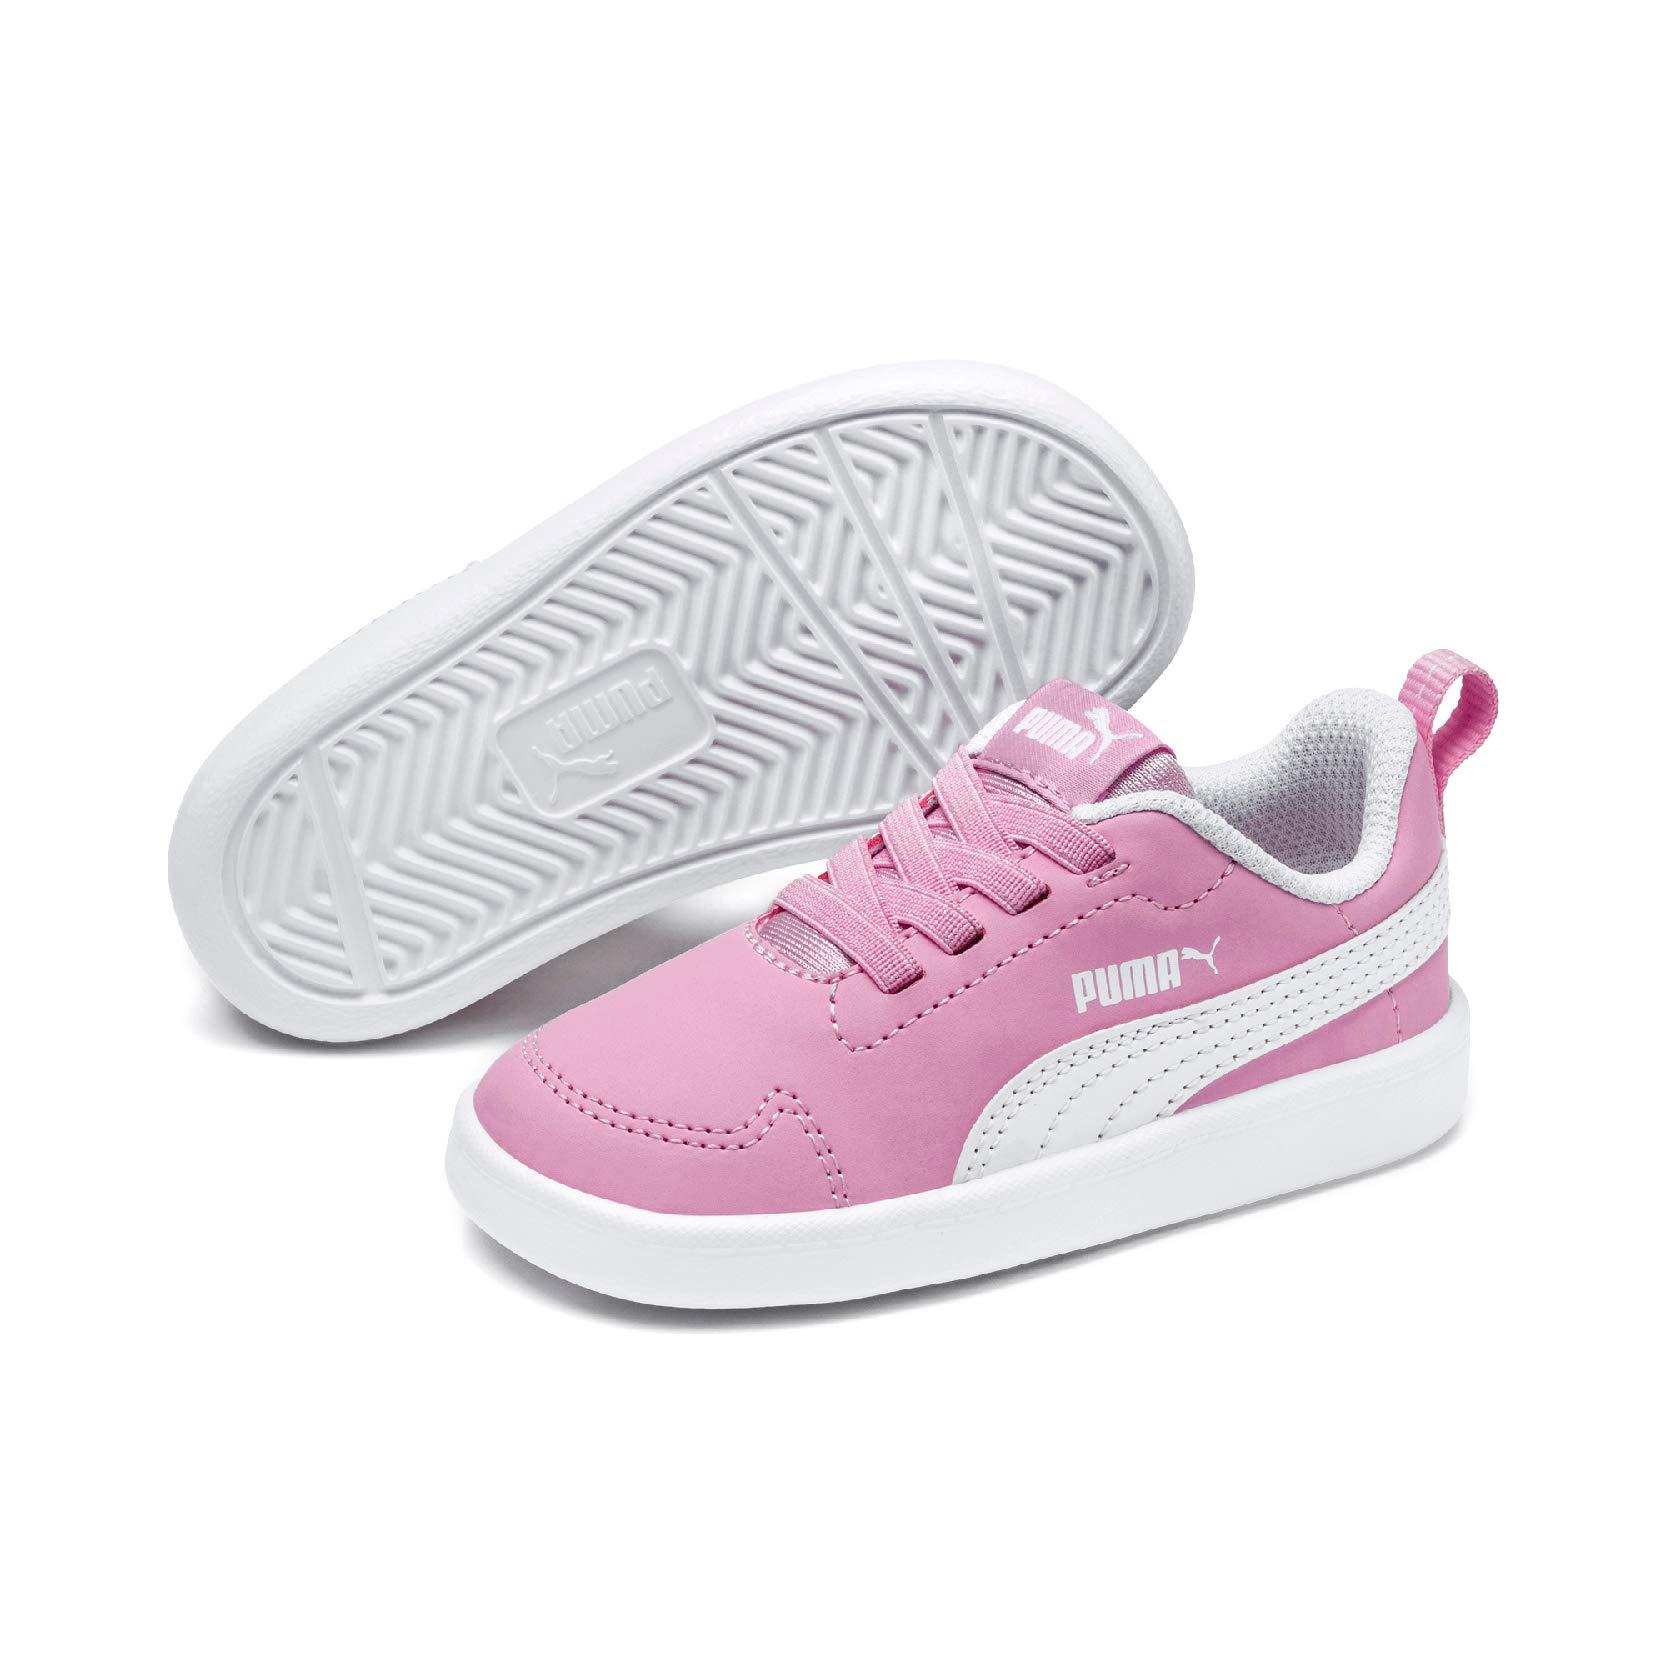 Puma Courtflex Inf, Zapatillas Unisex para Niños product image